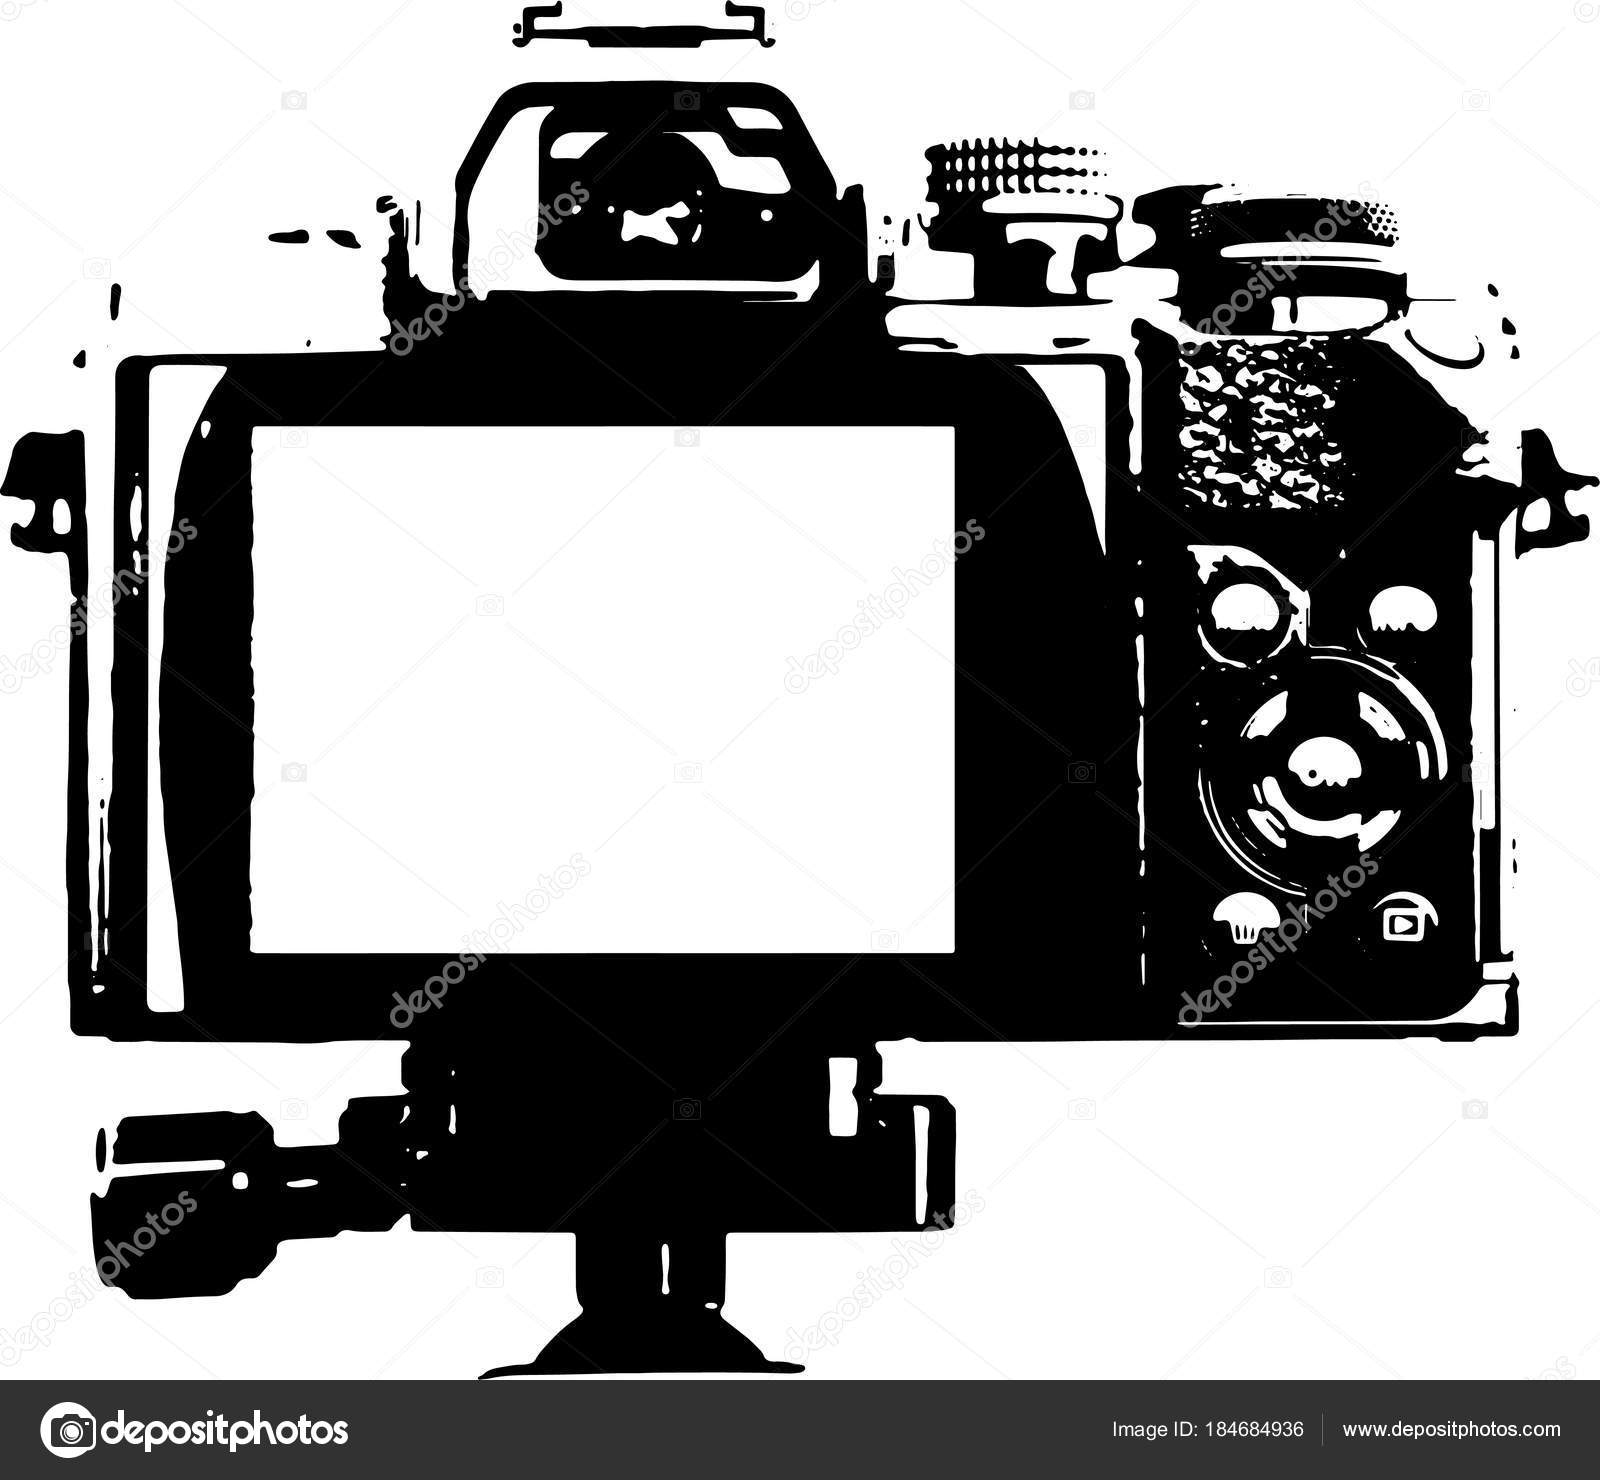 カメラ イラスト裏 ストック写真 Sandrafotodesign 184684936